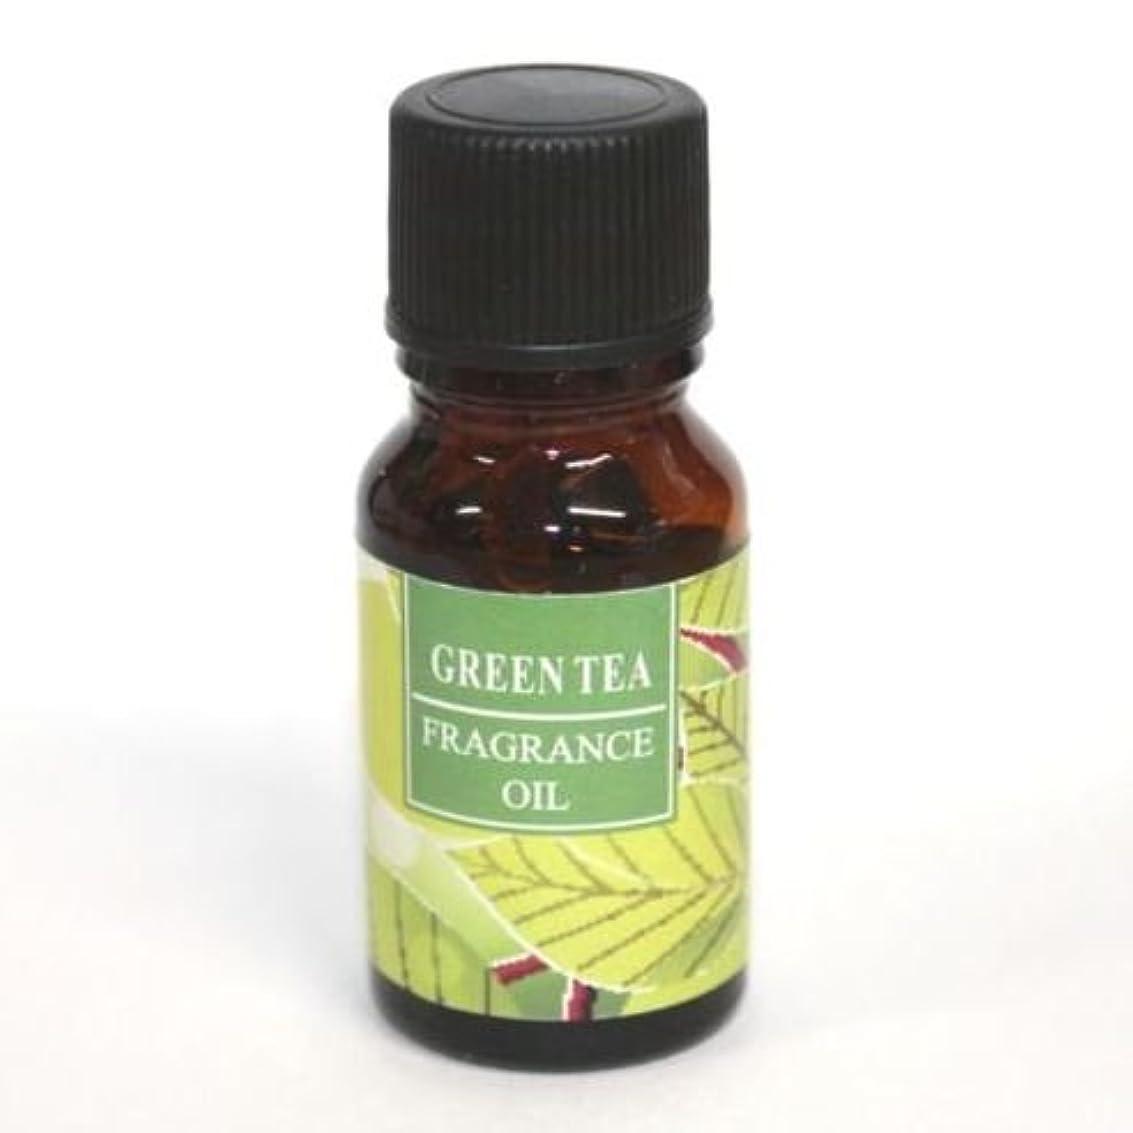 反対に芽湿地RELAXING アロマオイル AROMA OIL フレグランスオイル GREEN TEA 緑茶の香り RQ-09